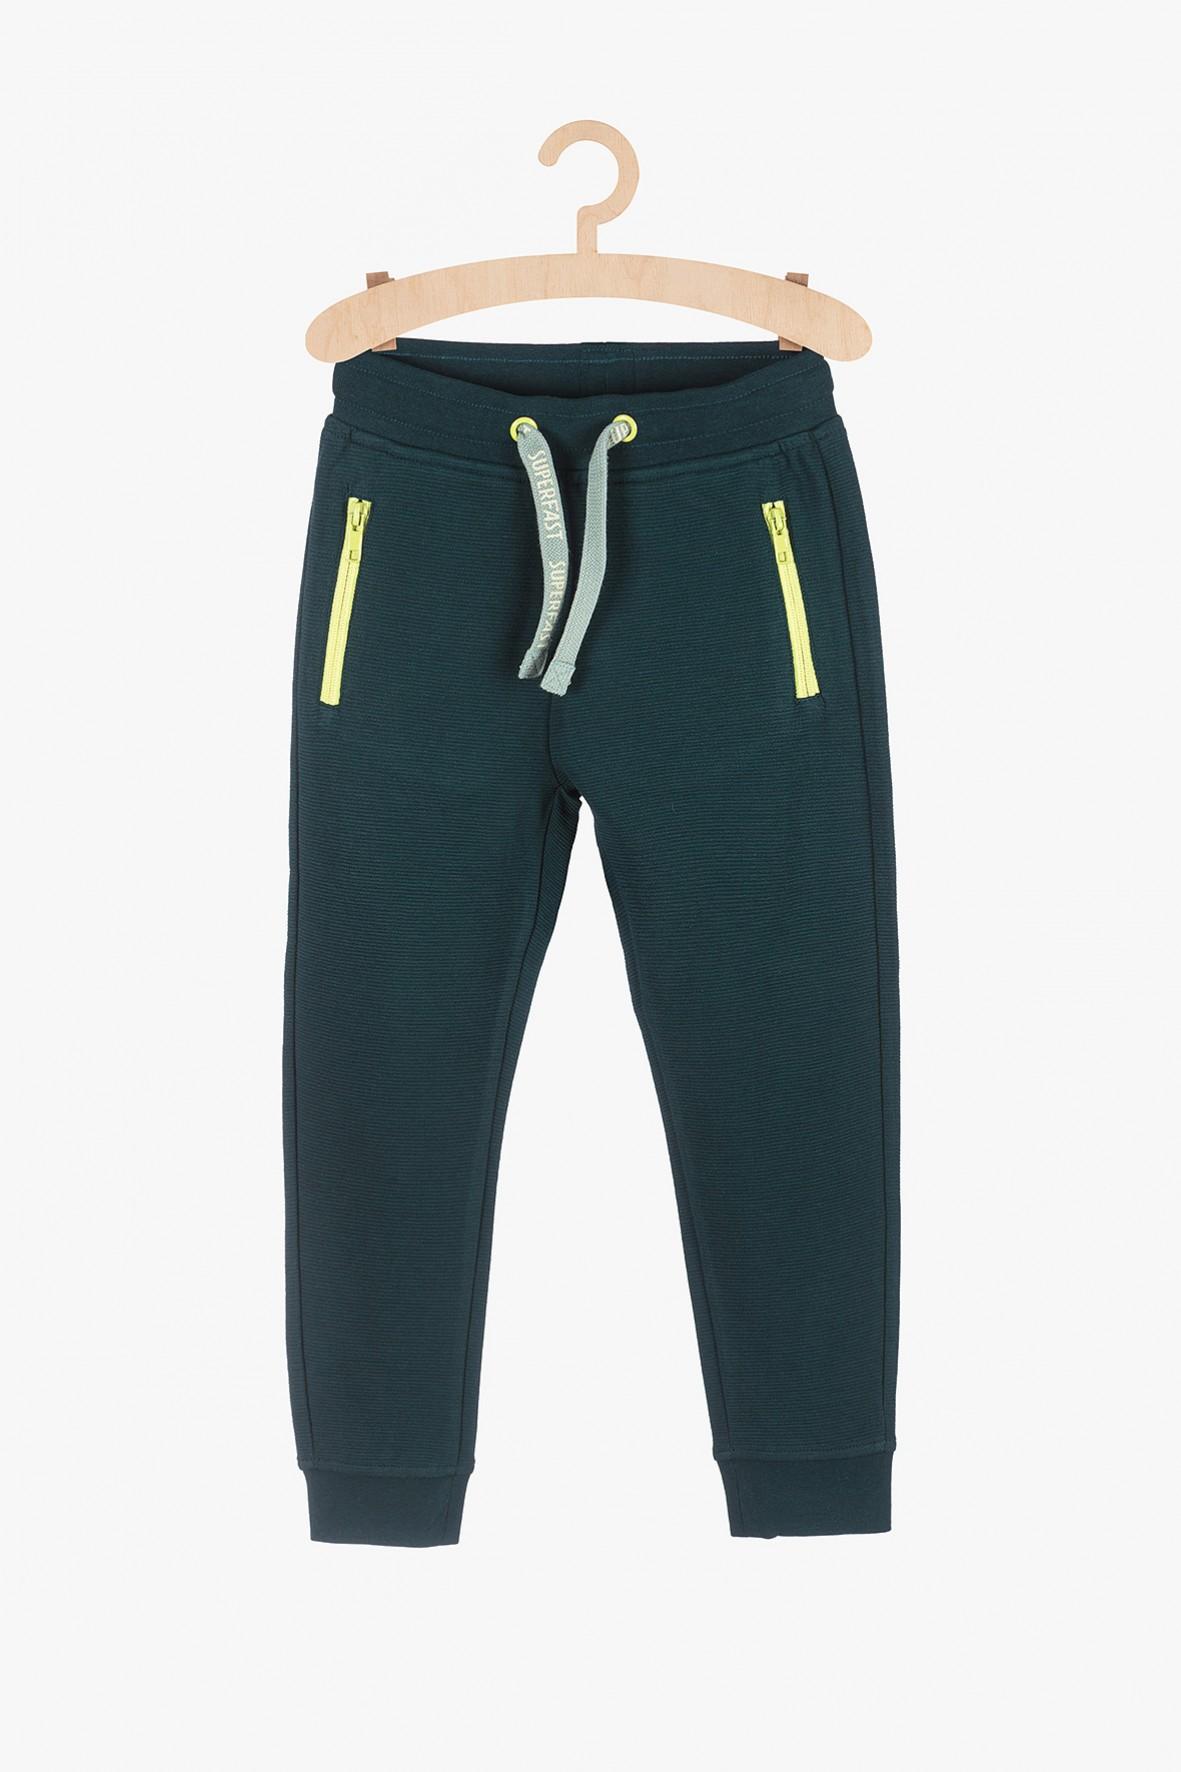 Spodnie dresowe dla chłopca  - zielone